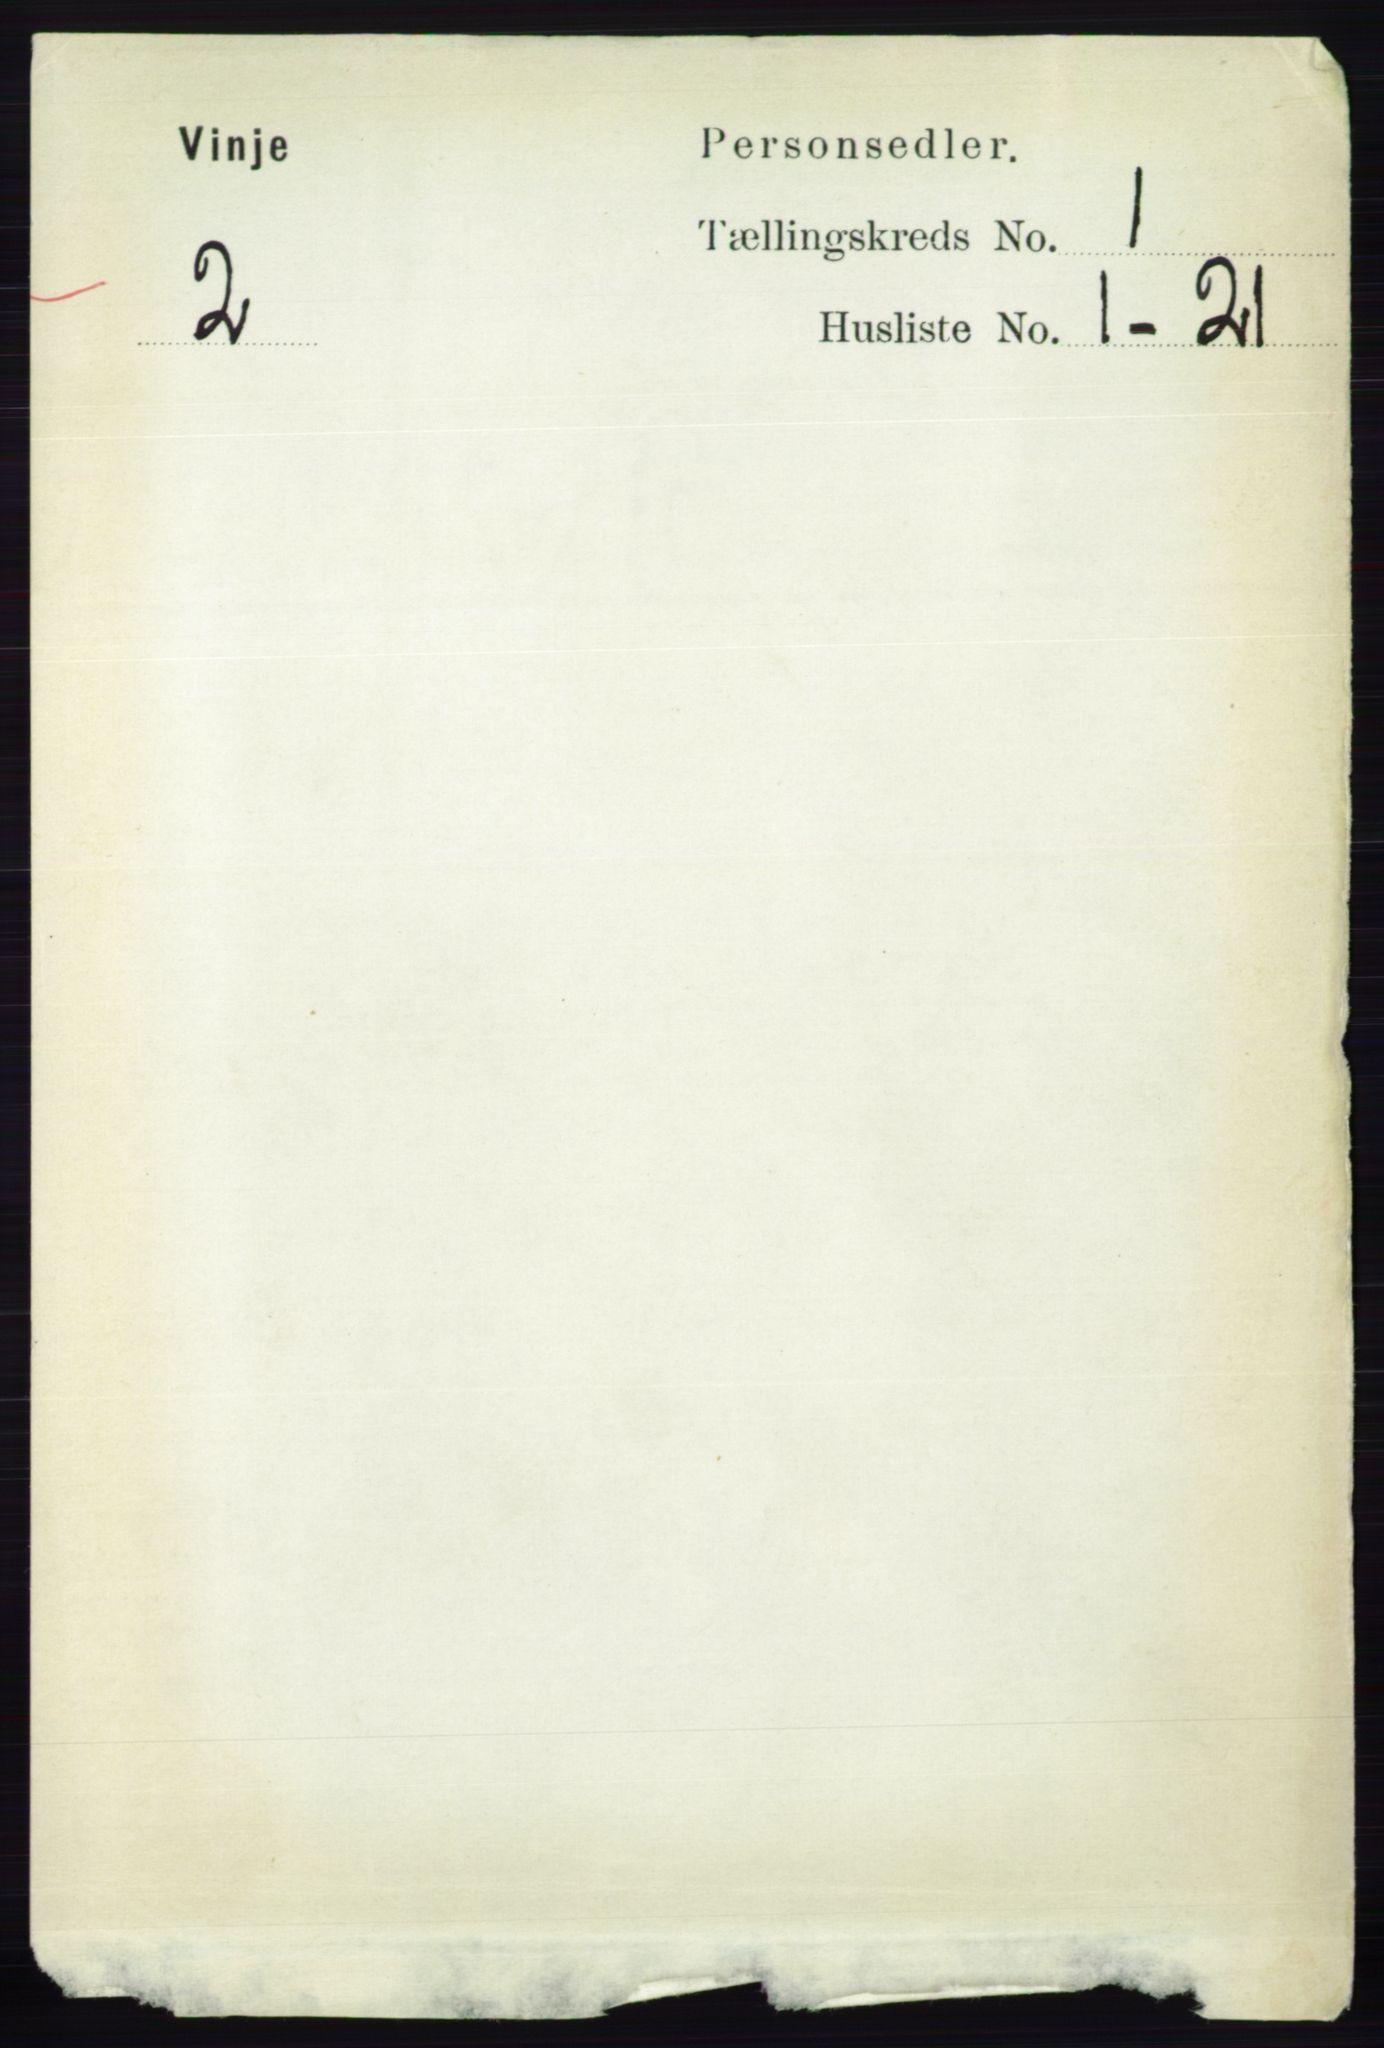 RA, Folketelling 1891 for 0834 Vinje herred, 1891, s. 60